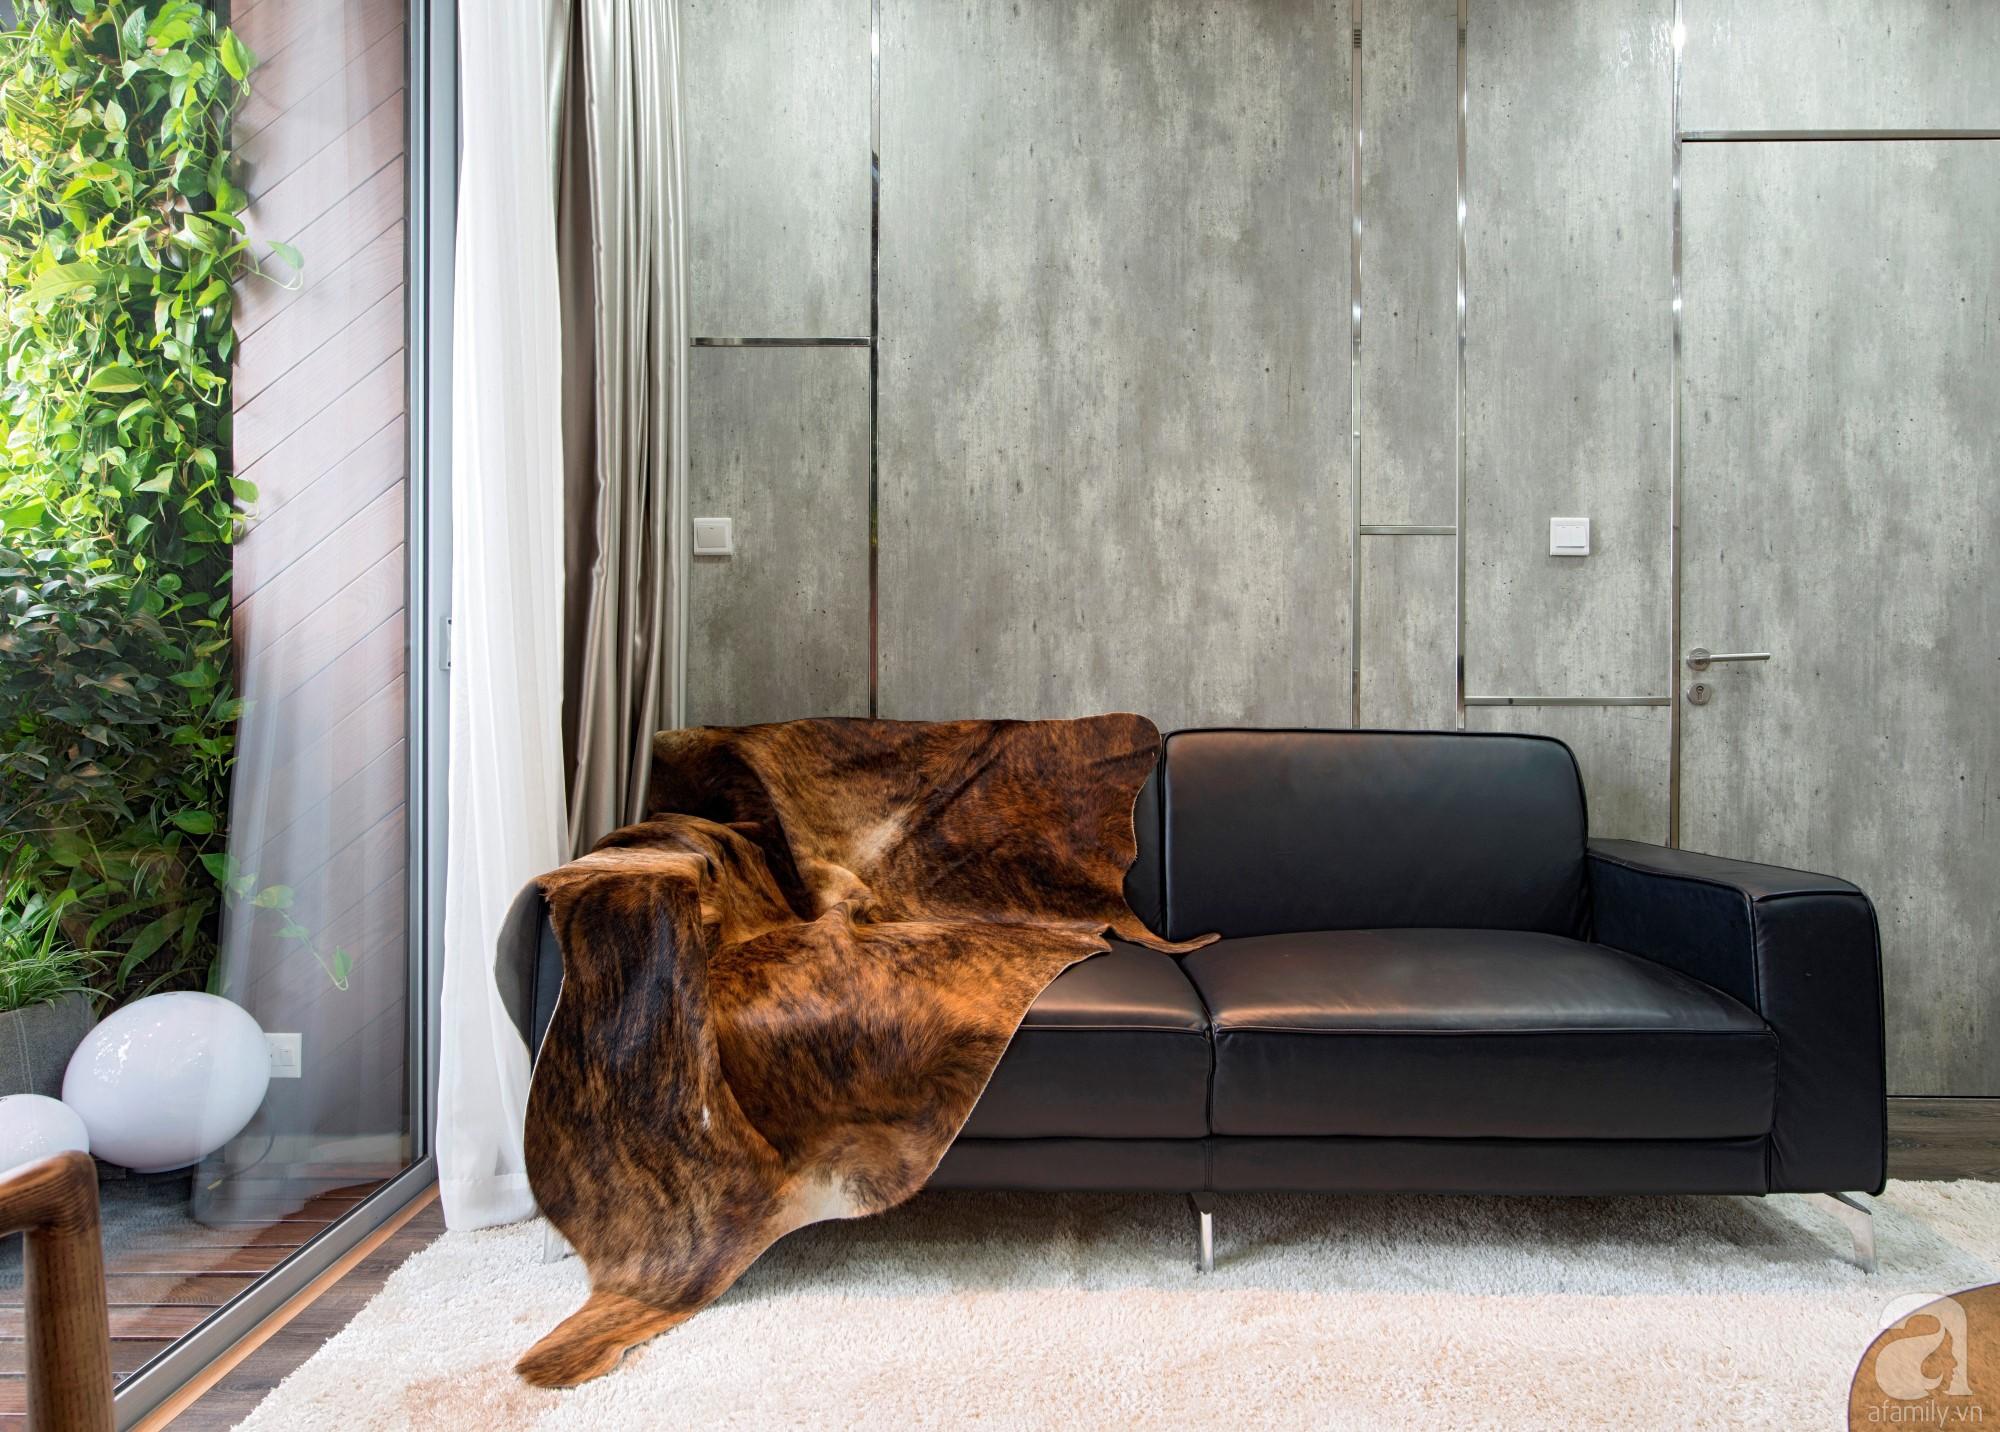 Căn hộ 80m² trên tầng 21 đẹp độc đáo với chi phí cải tạo 780 triệu đồng của chủ nhà yêu cây xanh - Ảnh 3.